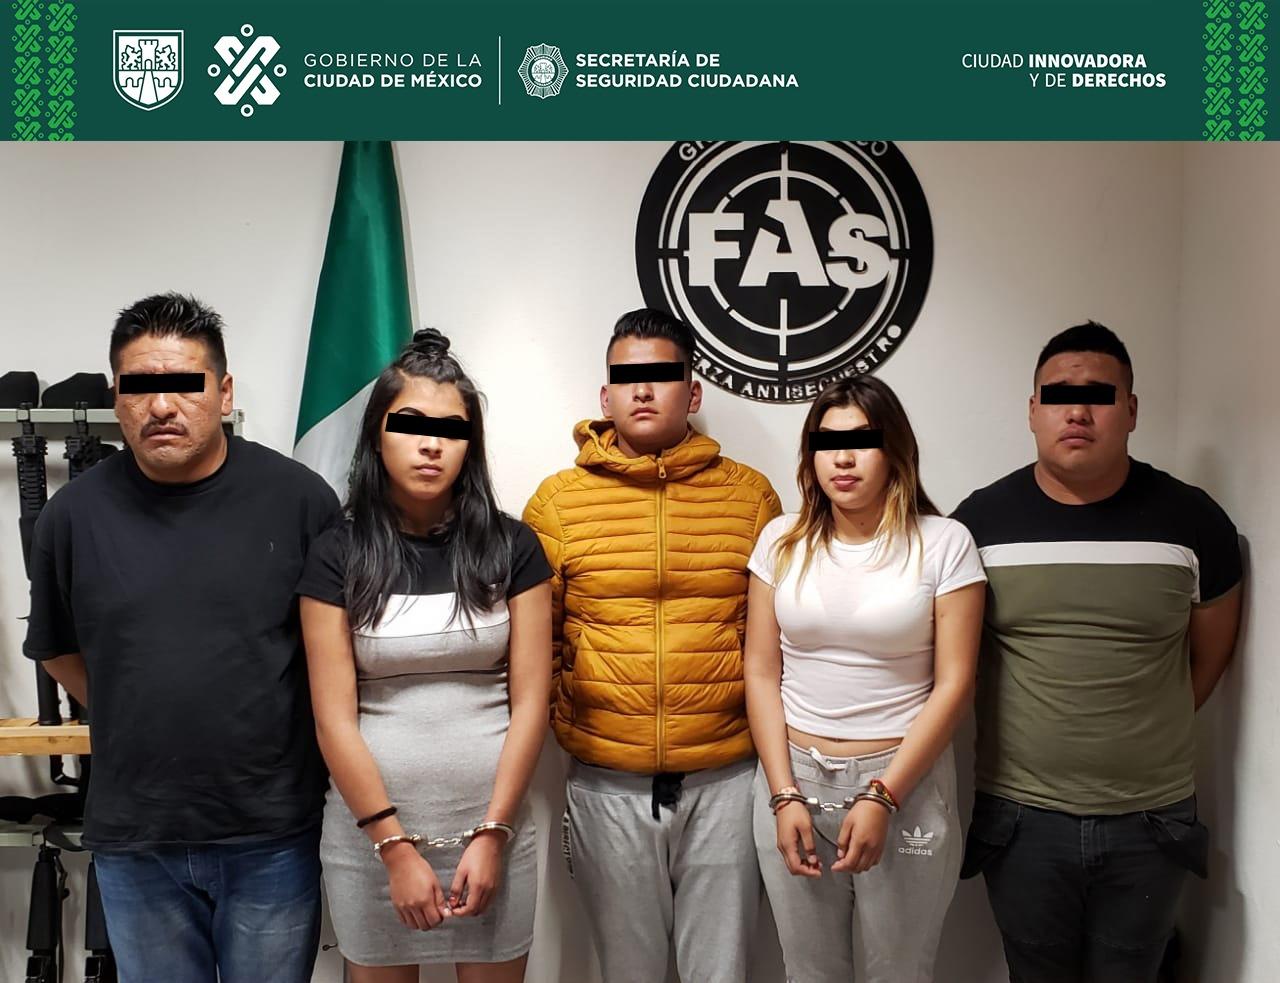 banda-de-secuestradores-polanco.jpg